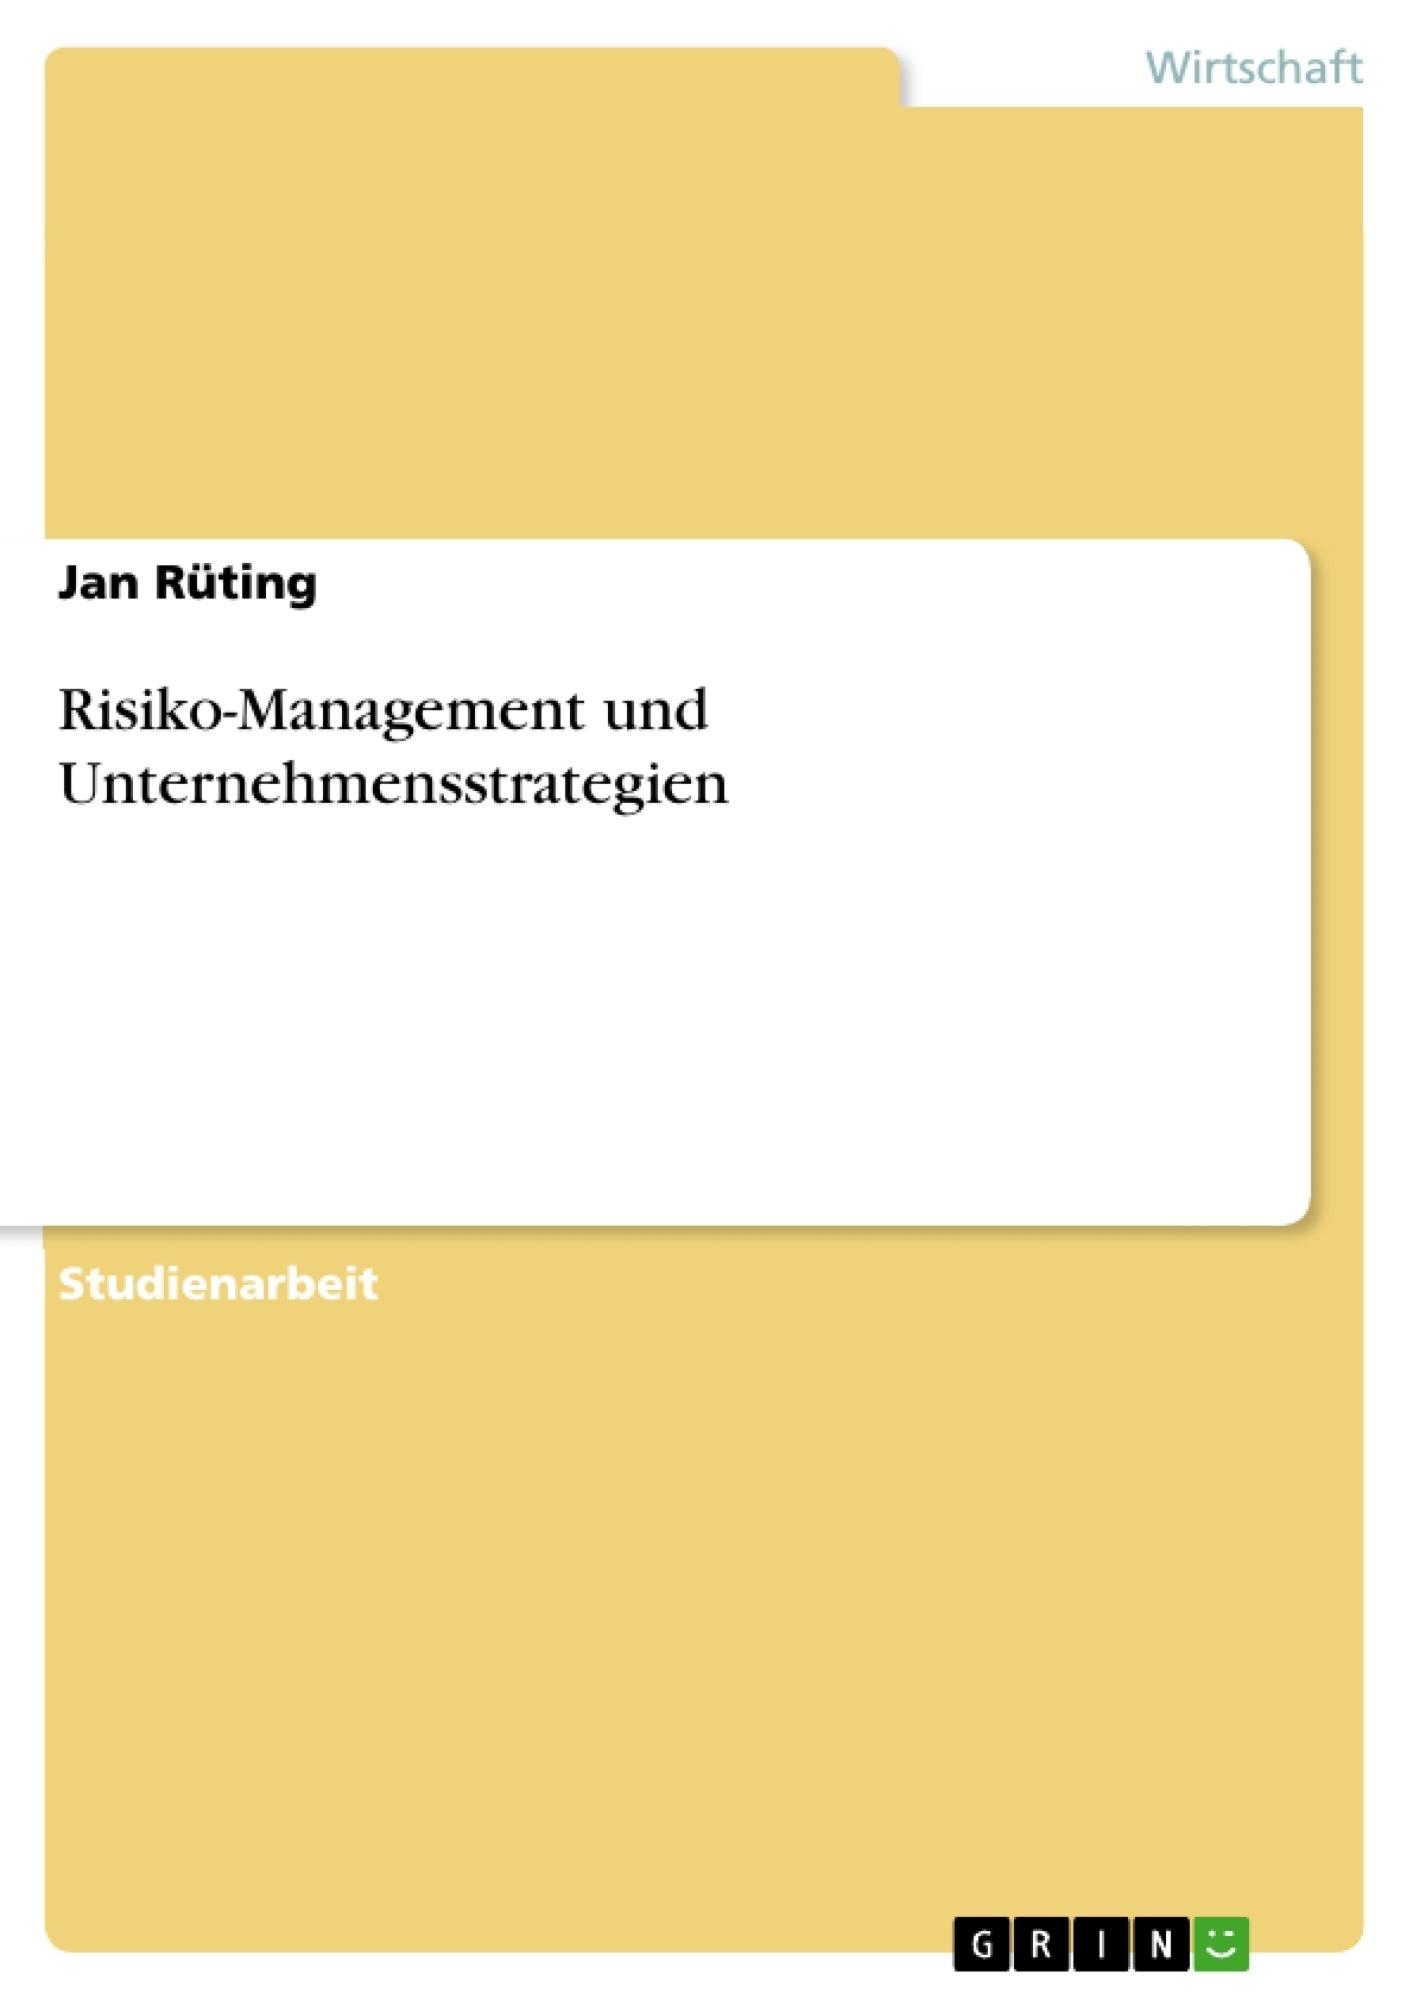 Titel: Risiko-Management und Unternehmensstrategien